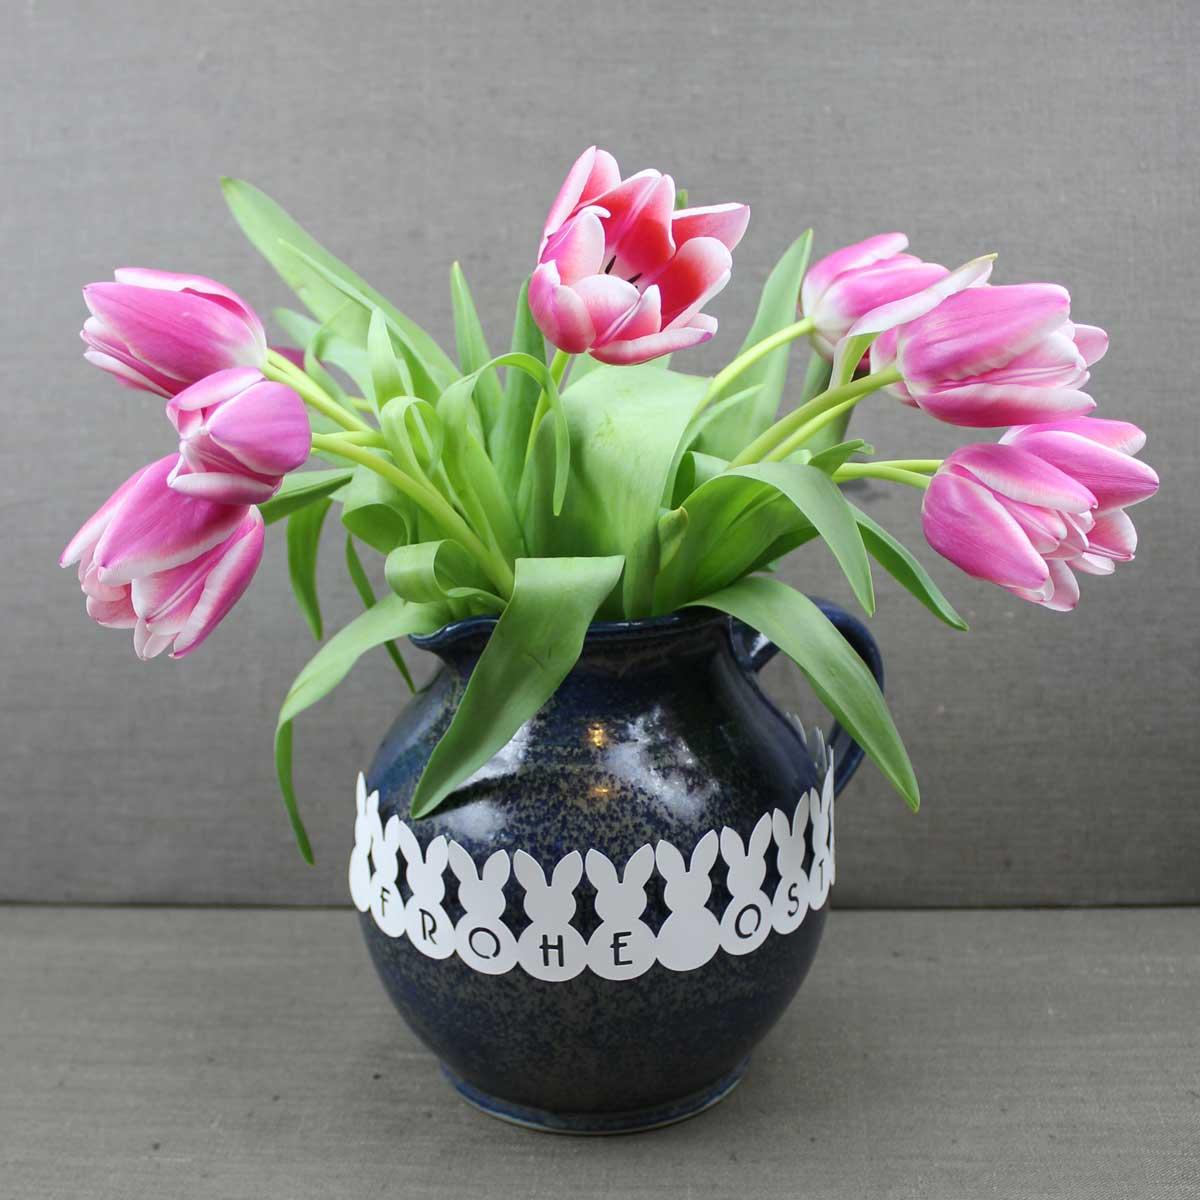 Mit einer Osterhasen-Girlande wird jede Blumenvase zum Mittelpunkt der Ostertafel.